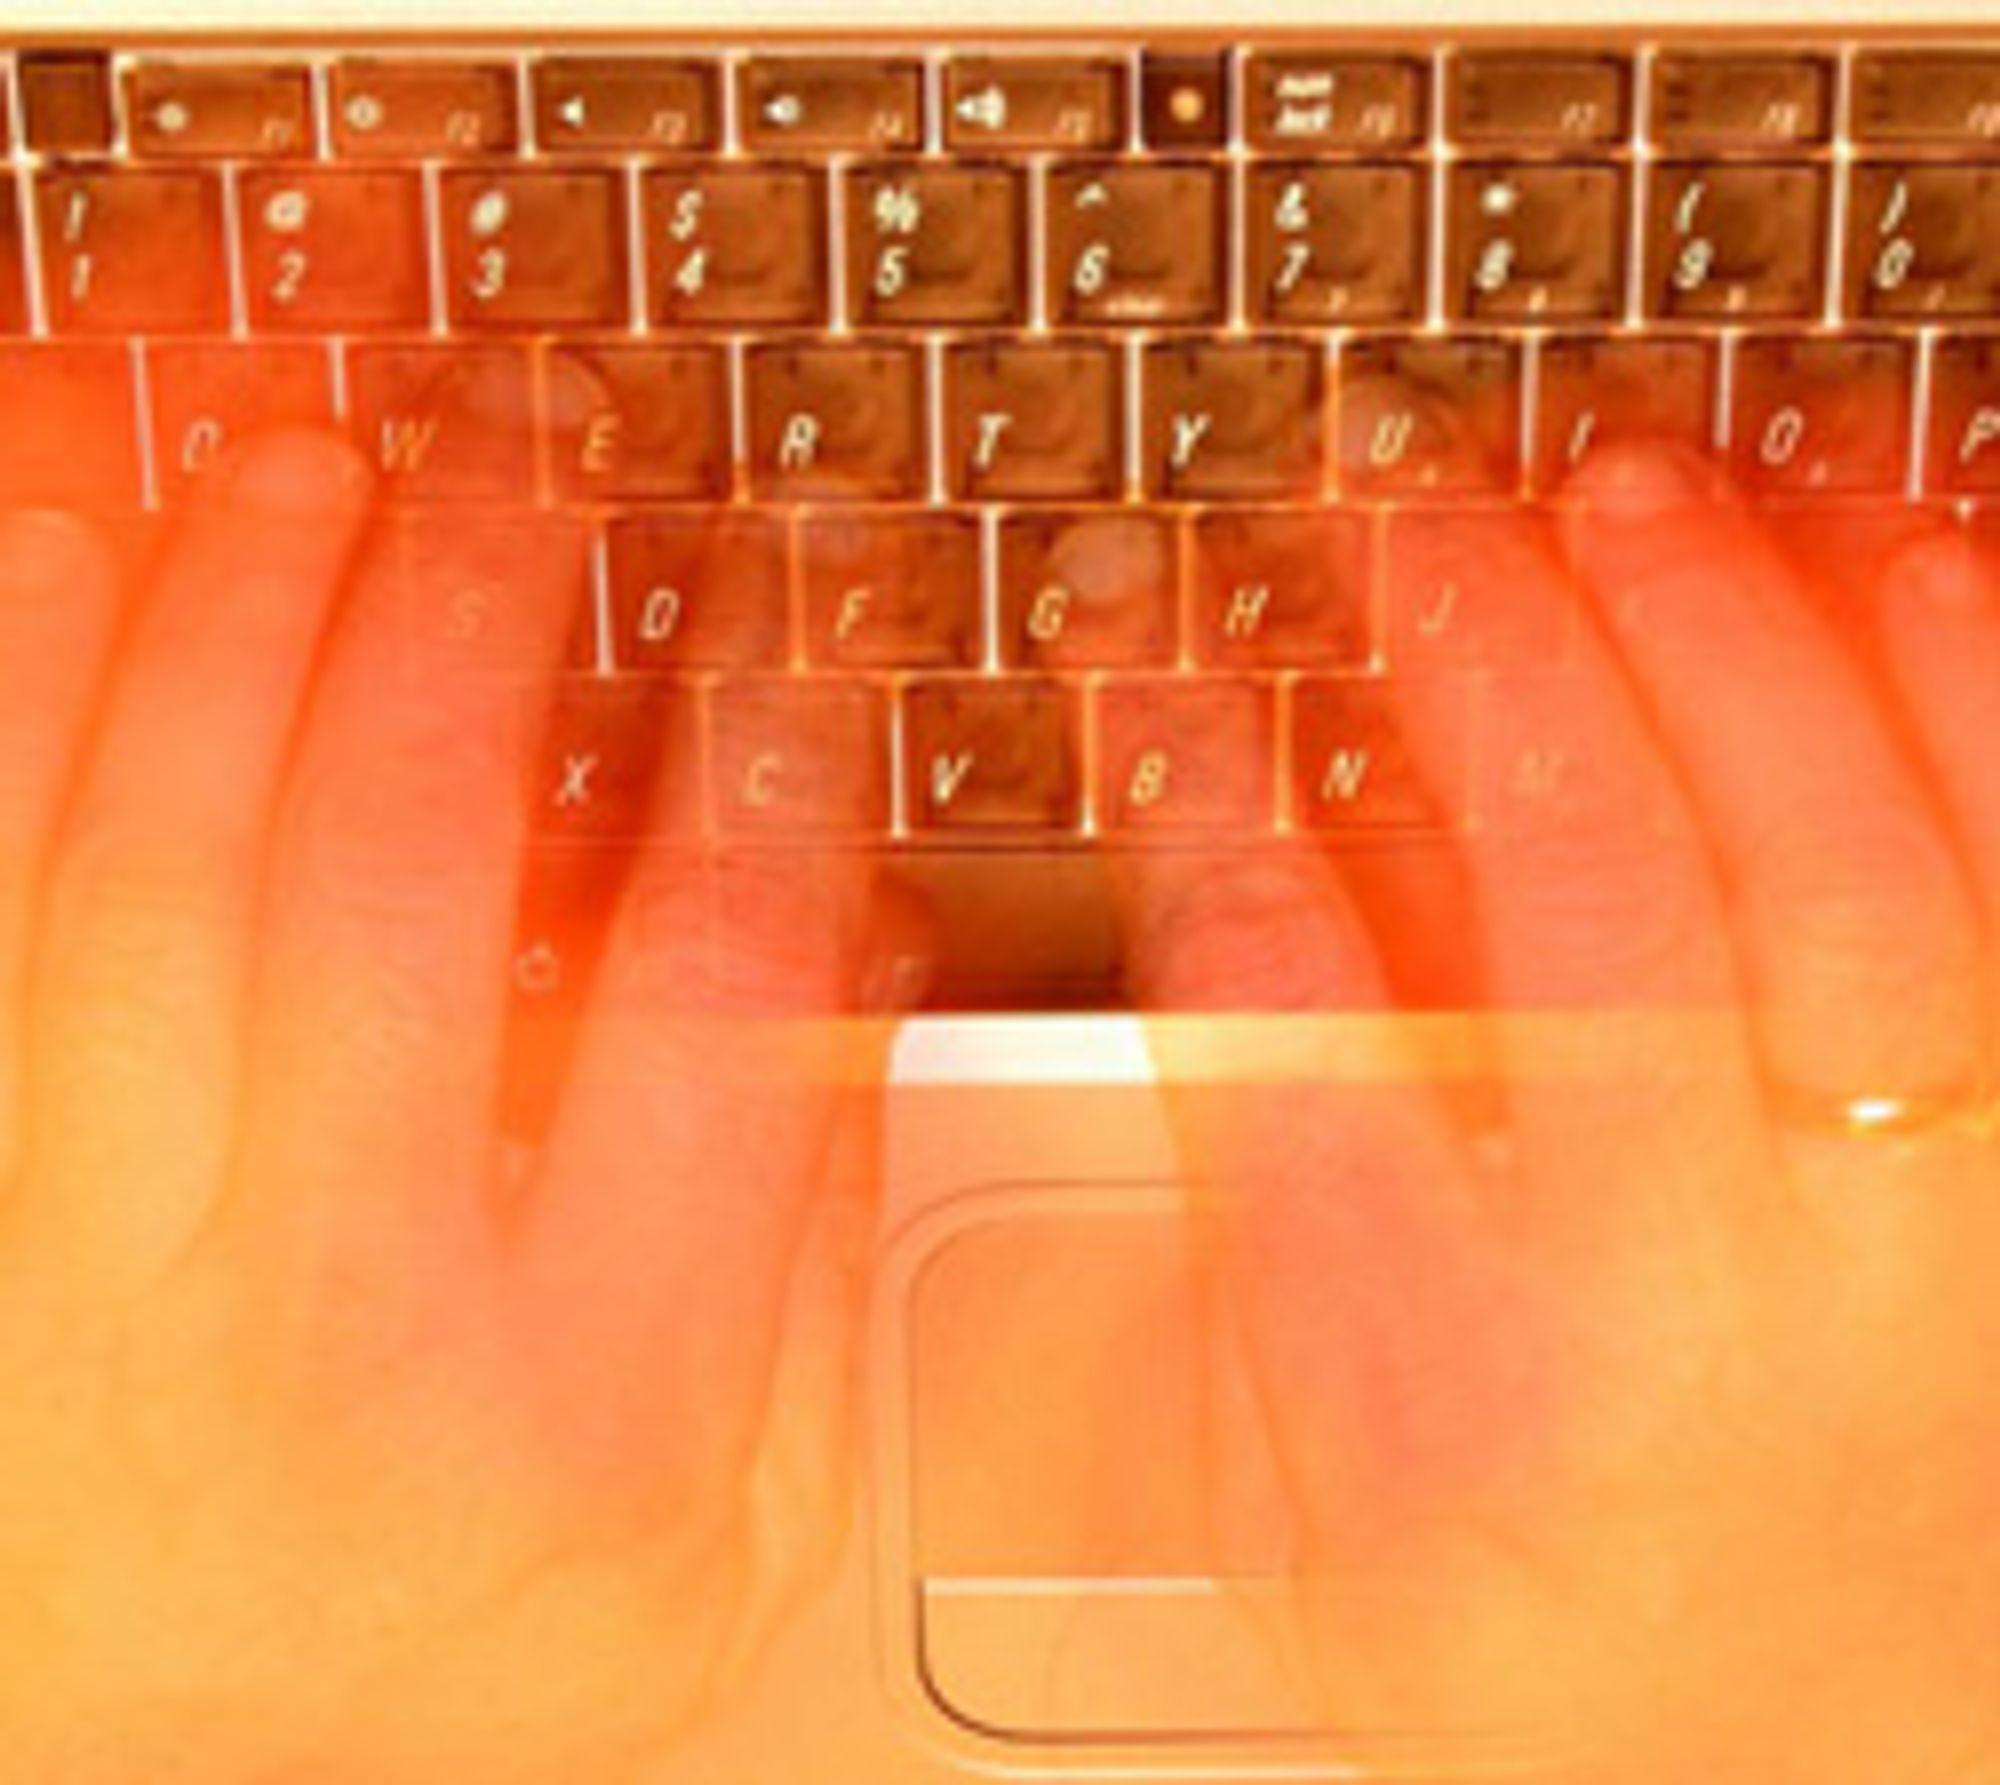 Skriver du på PC-en, går det sannsynligvis mye fortere enn på mobilen.